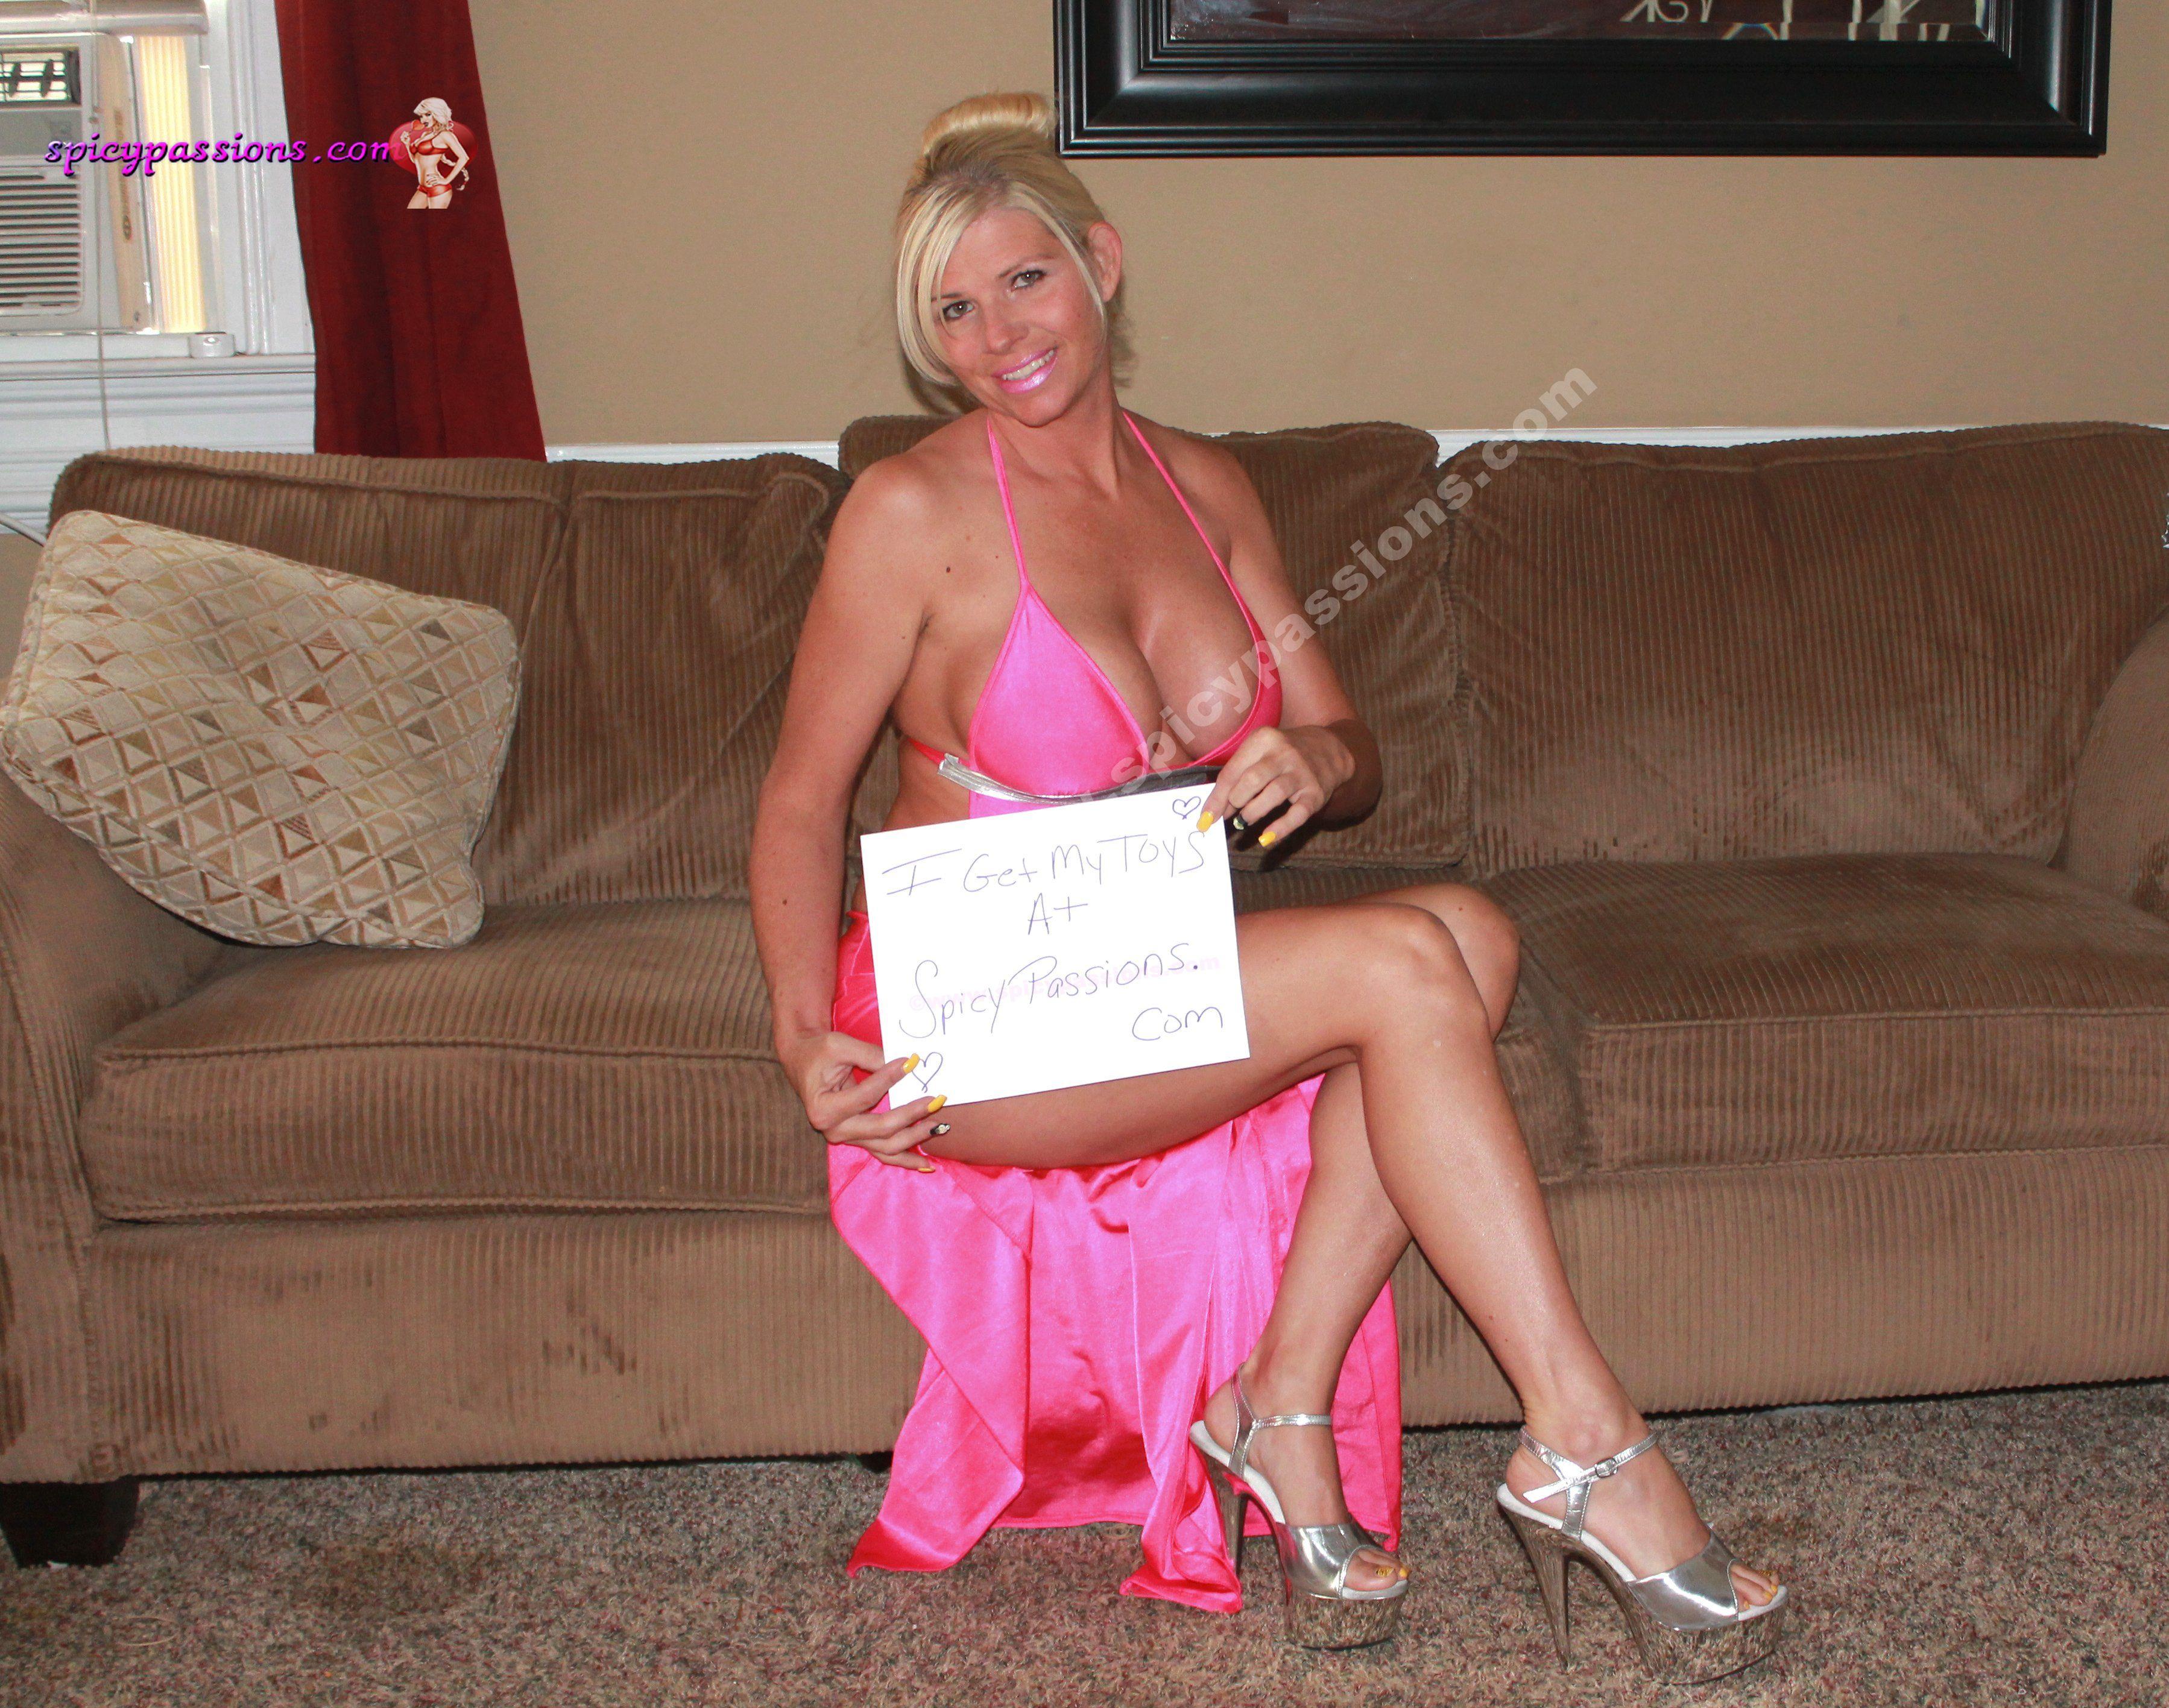 Hot Pink Long Dresses Hot Girls Wallpaper